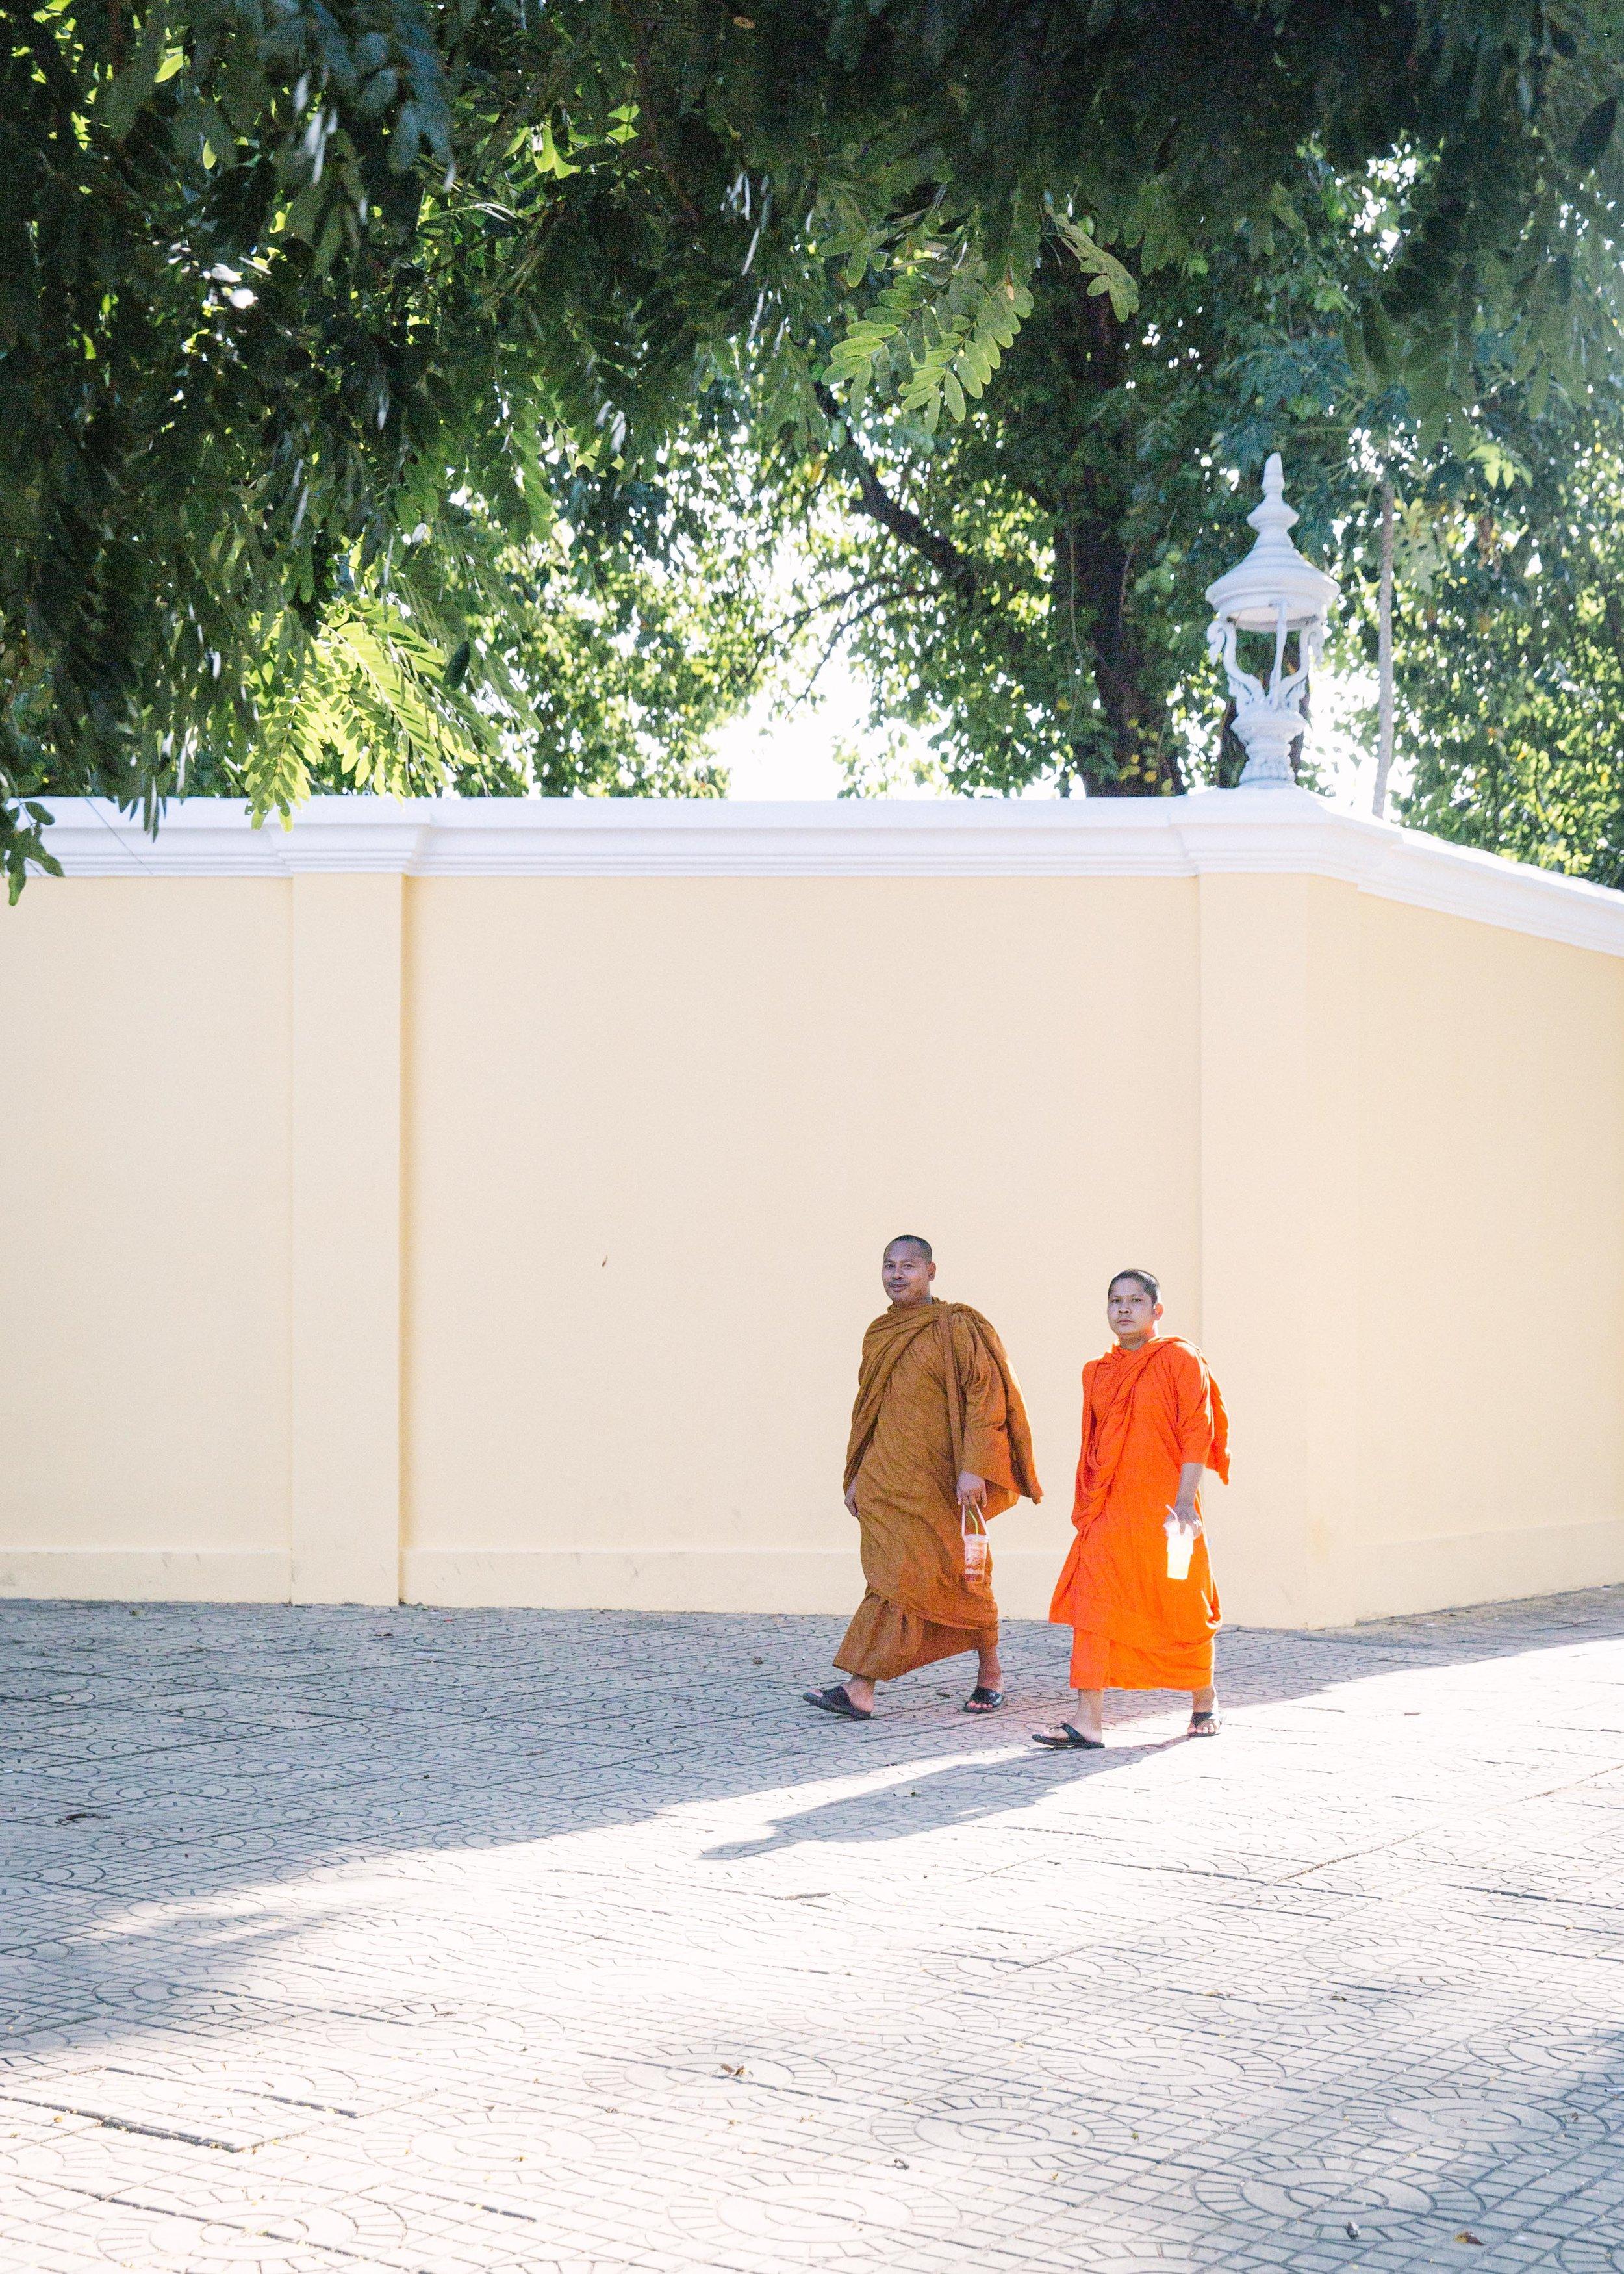 cambodia_phnom_phen_monks_southeast_asia-1.jpg